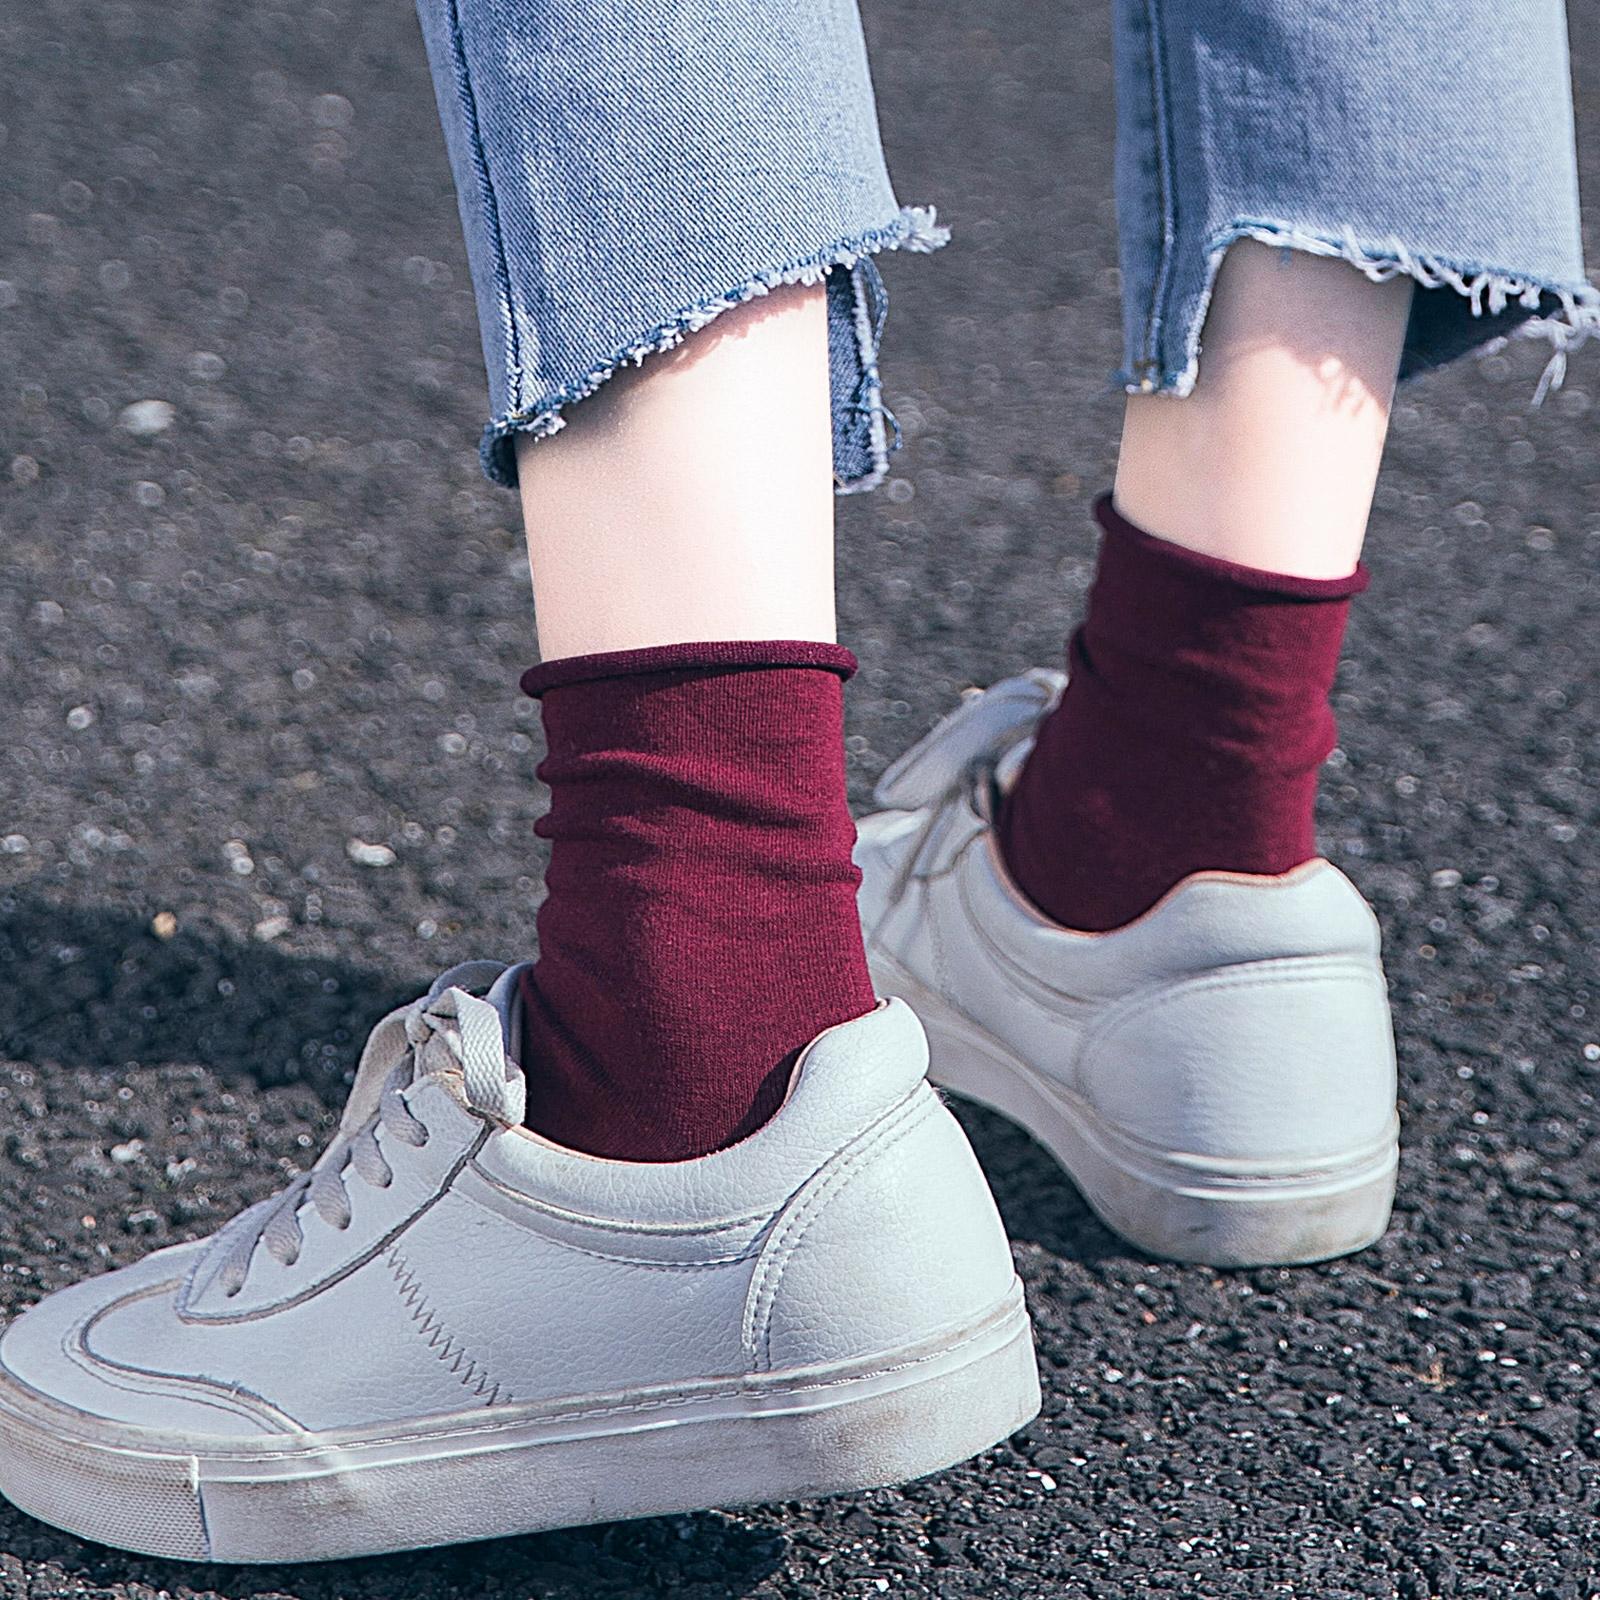 袜子女中筒袜夏季纯色堆堆袜日系百搭薄款透气彩色韩国ins潮夏天